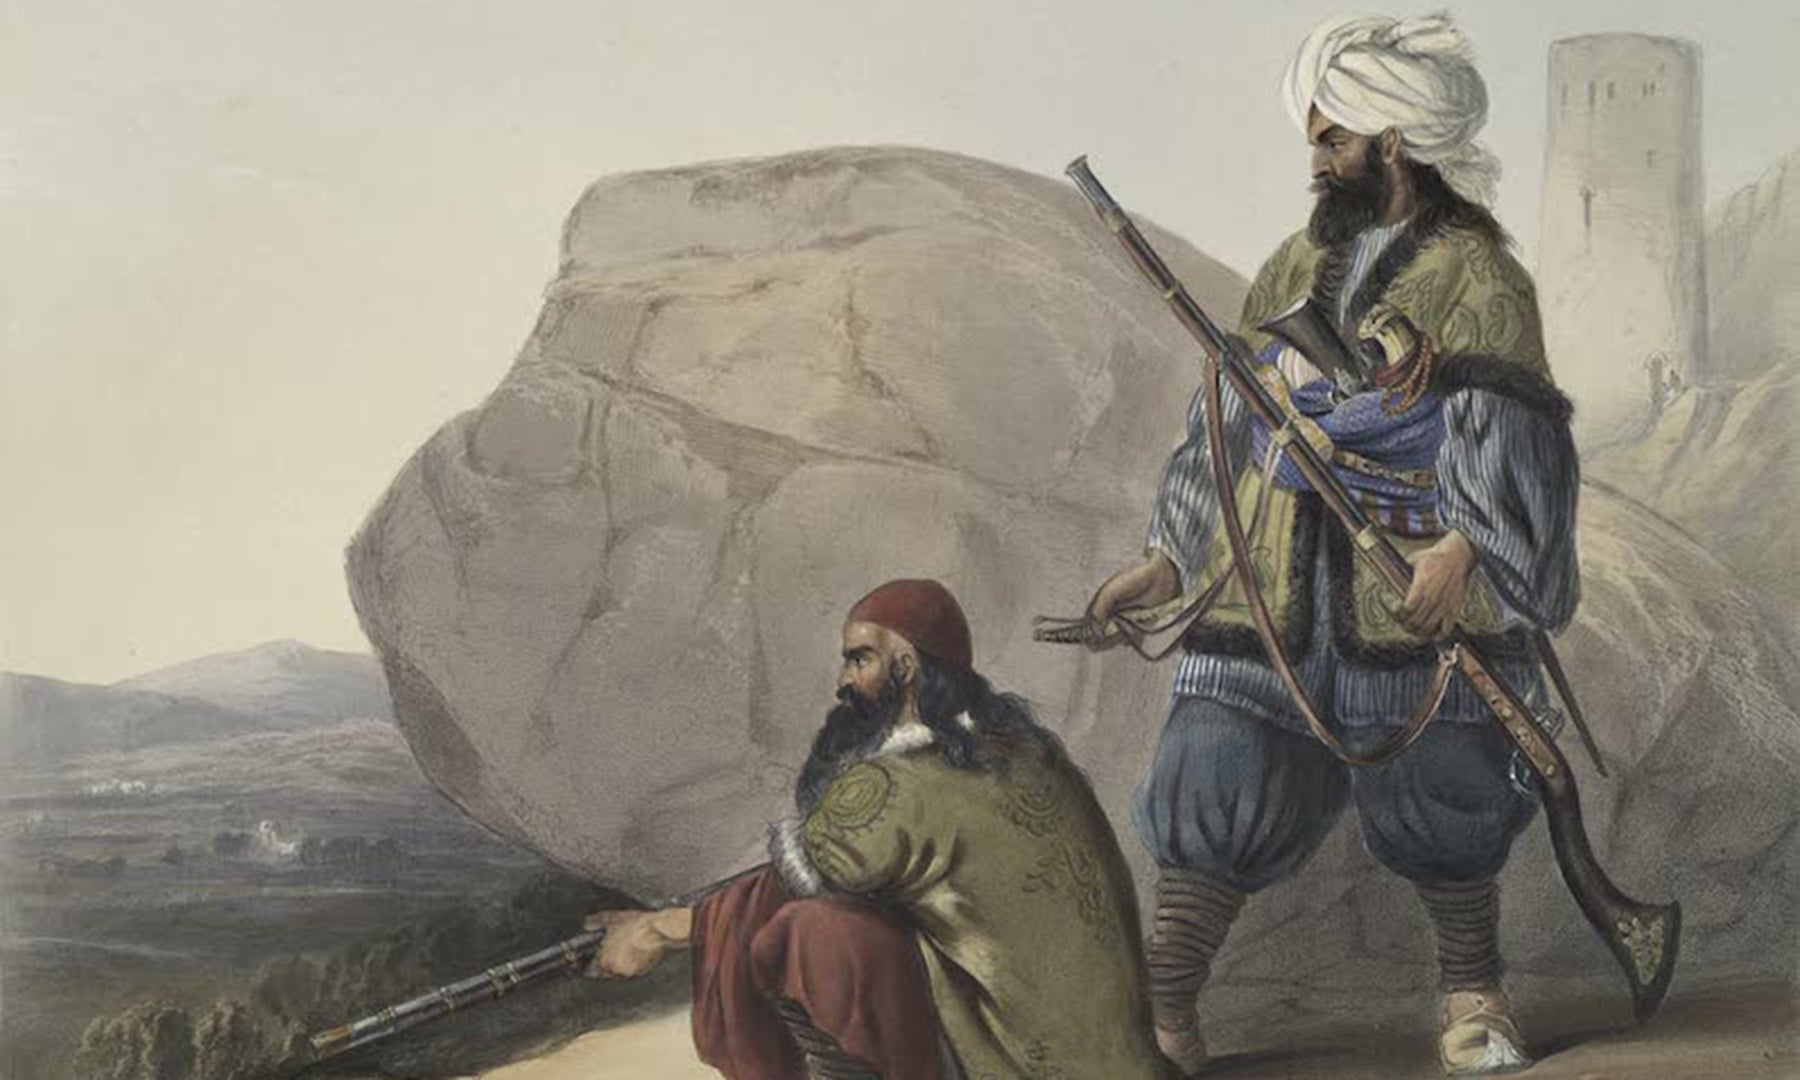 افغان لشکر کے سپاہی—برطانوی نیشنل آرمی میوزیم